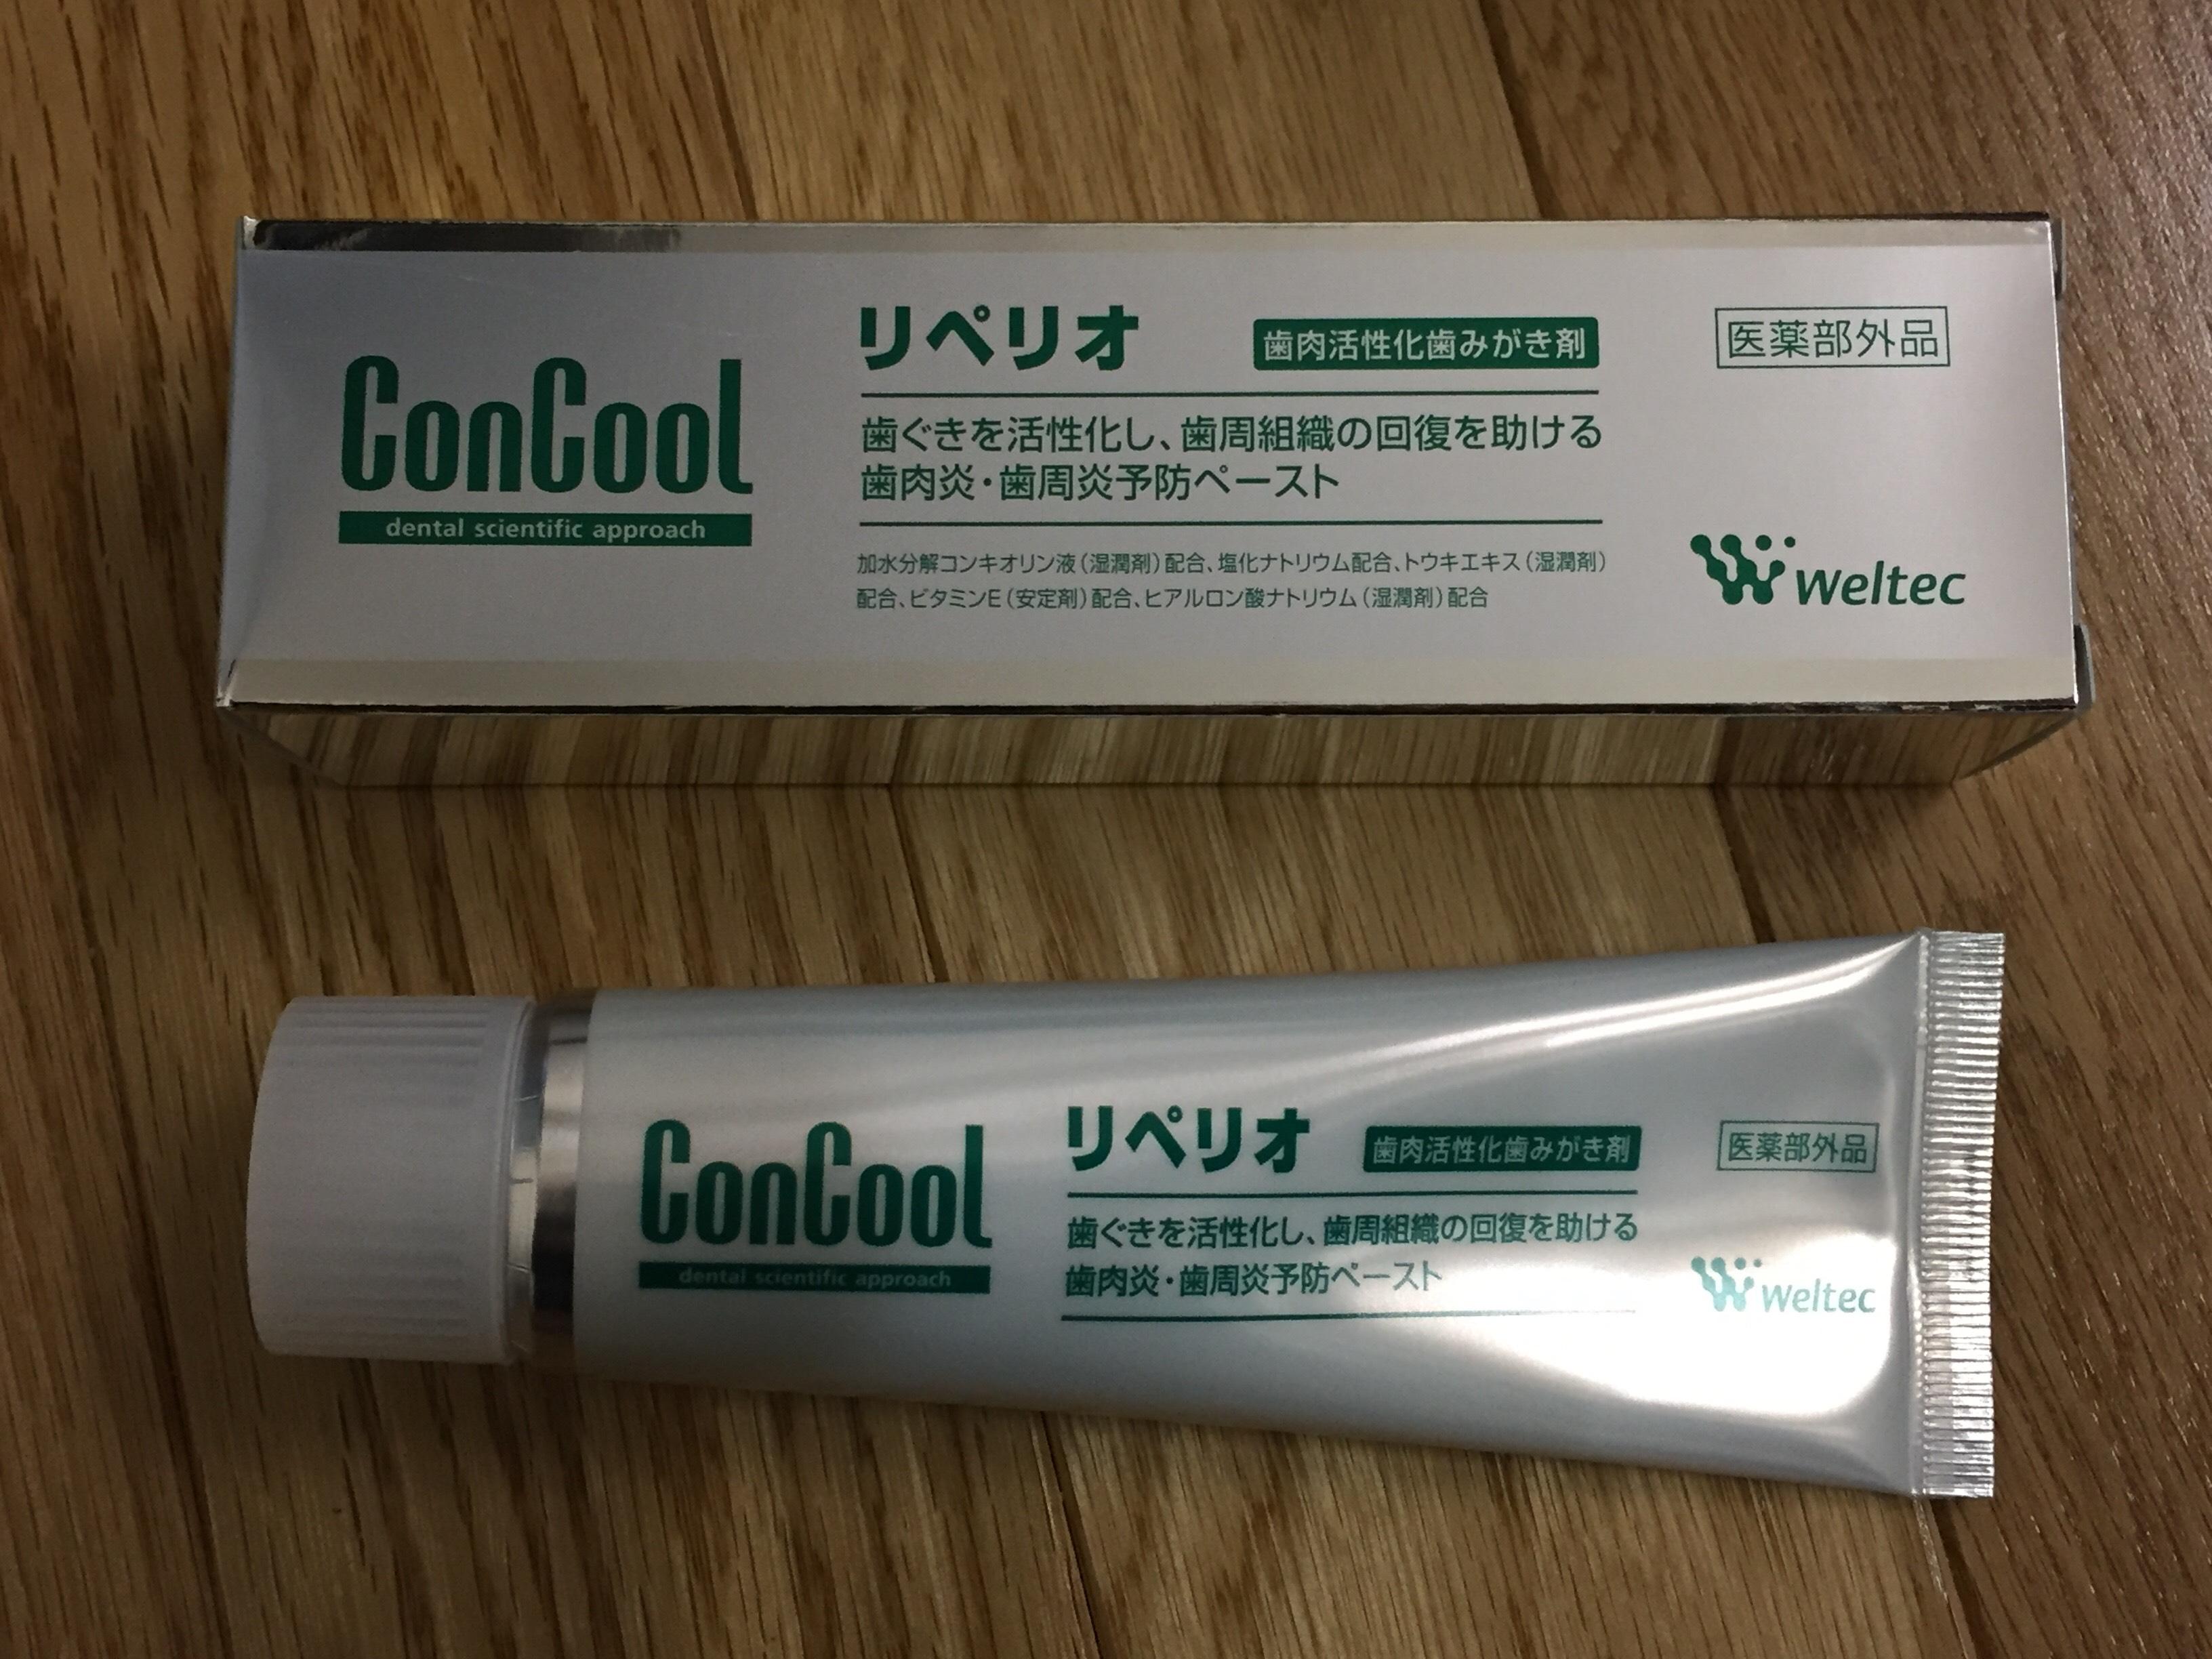 電動歯ブラシ用歯磨き粉 コンクールリペリオ